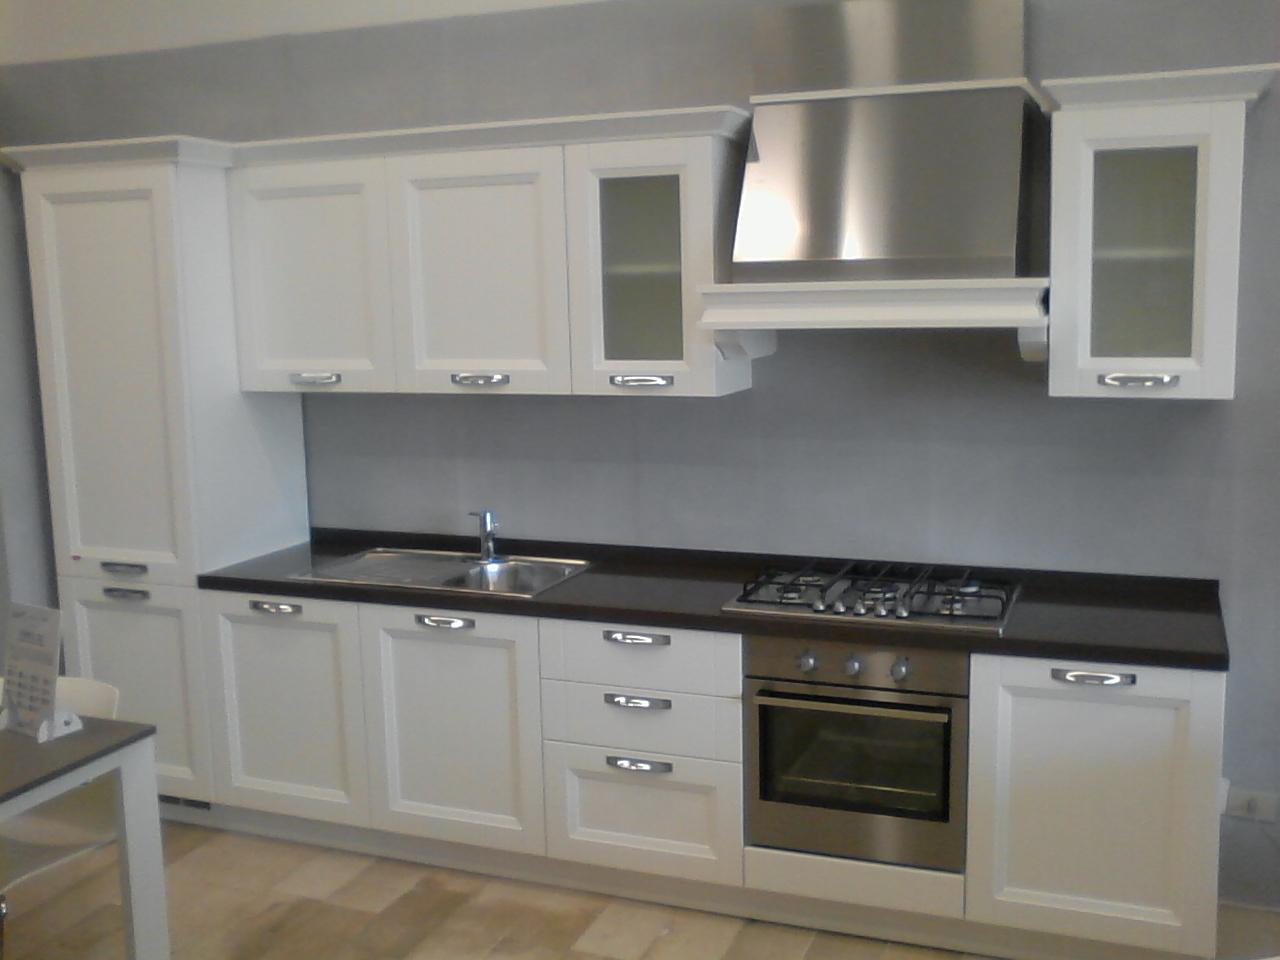 Ante cucina legno grezzo - Cucina bianca e legno ...